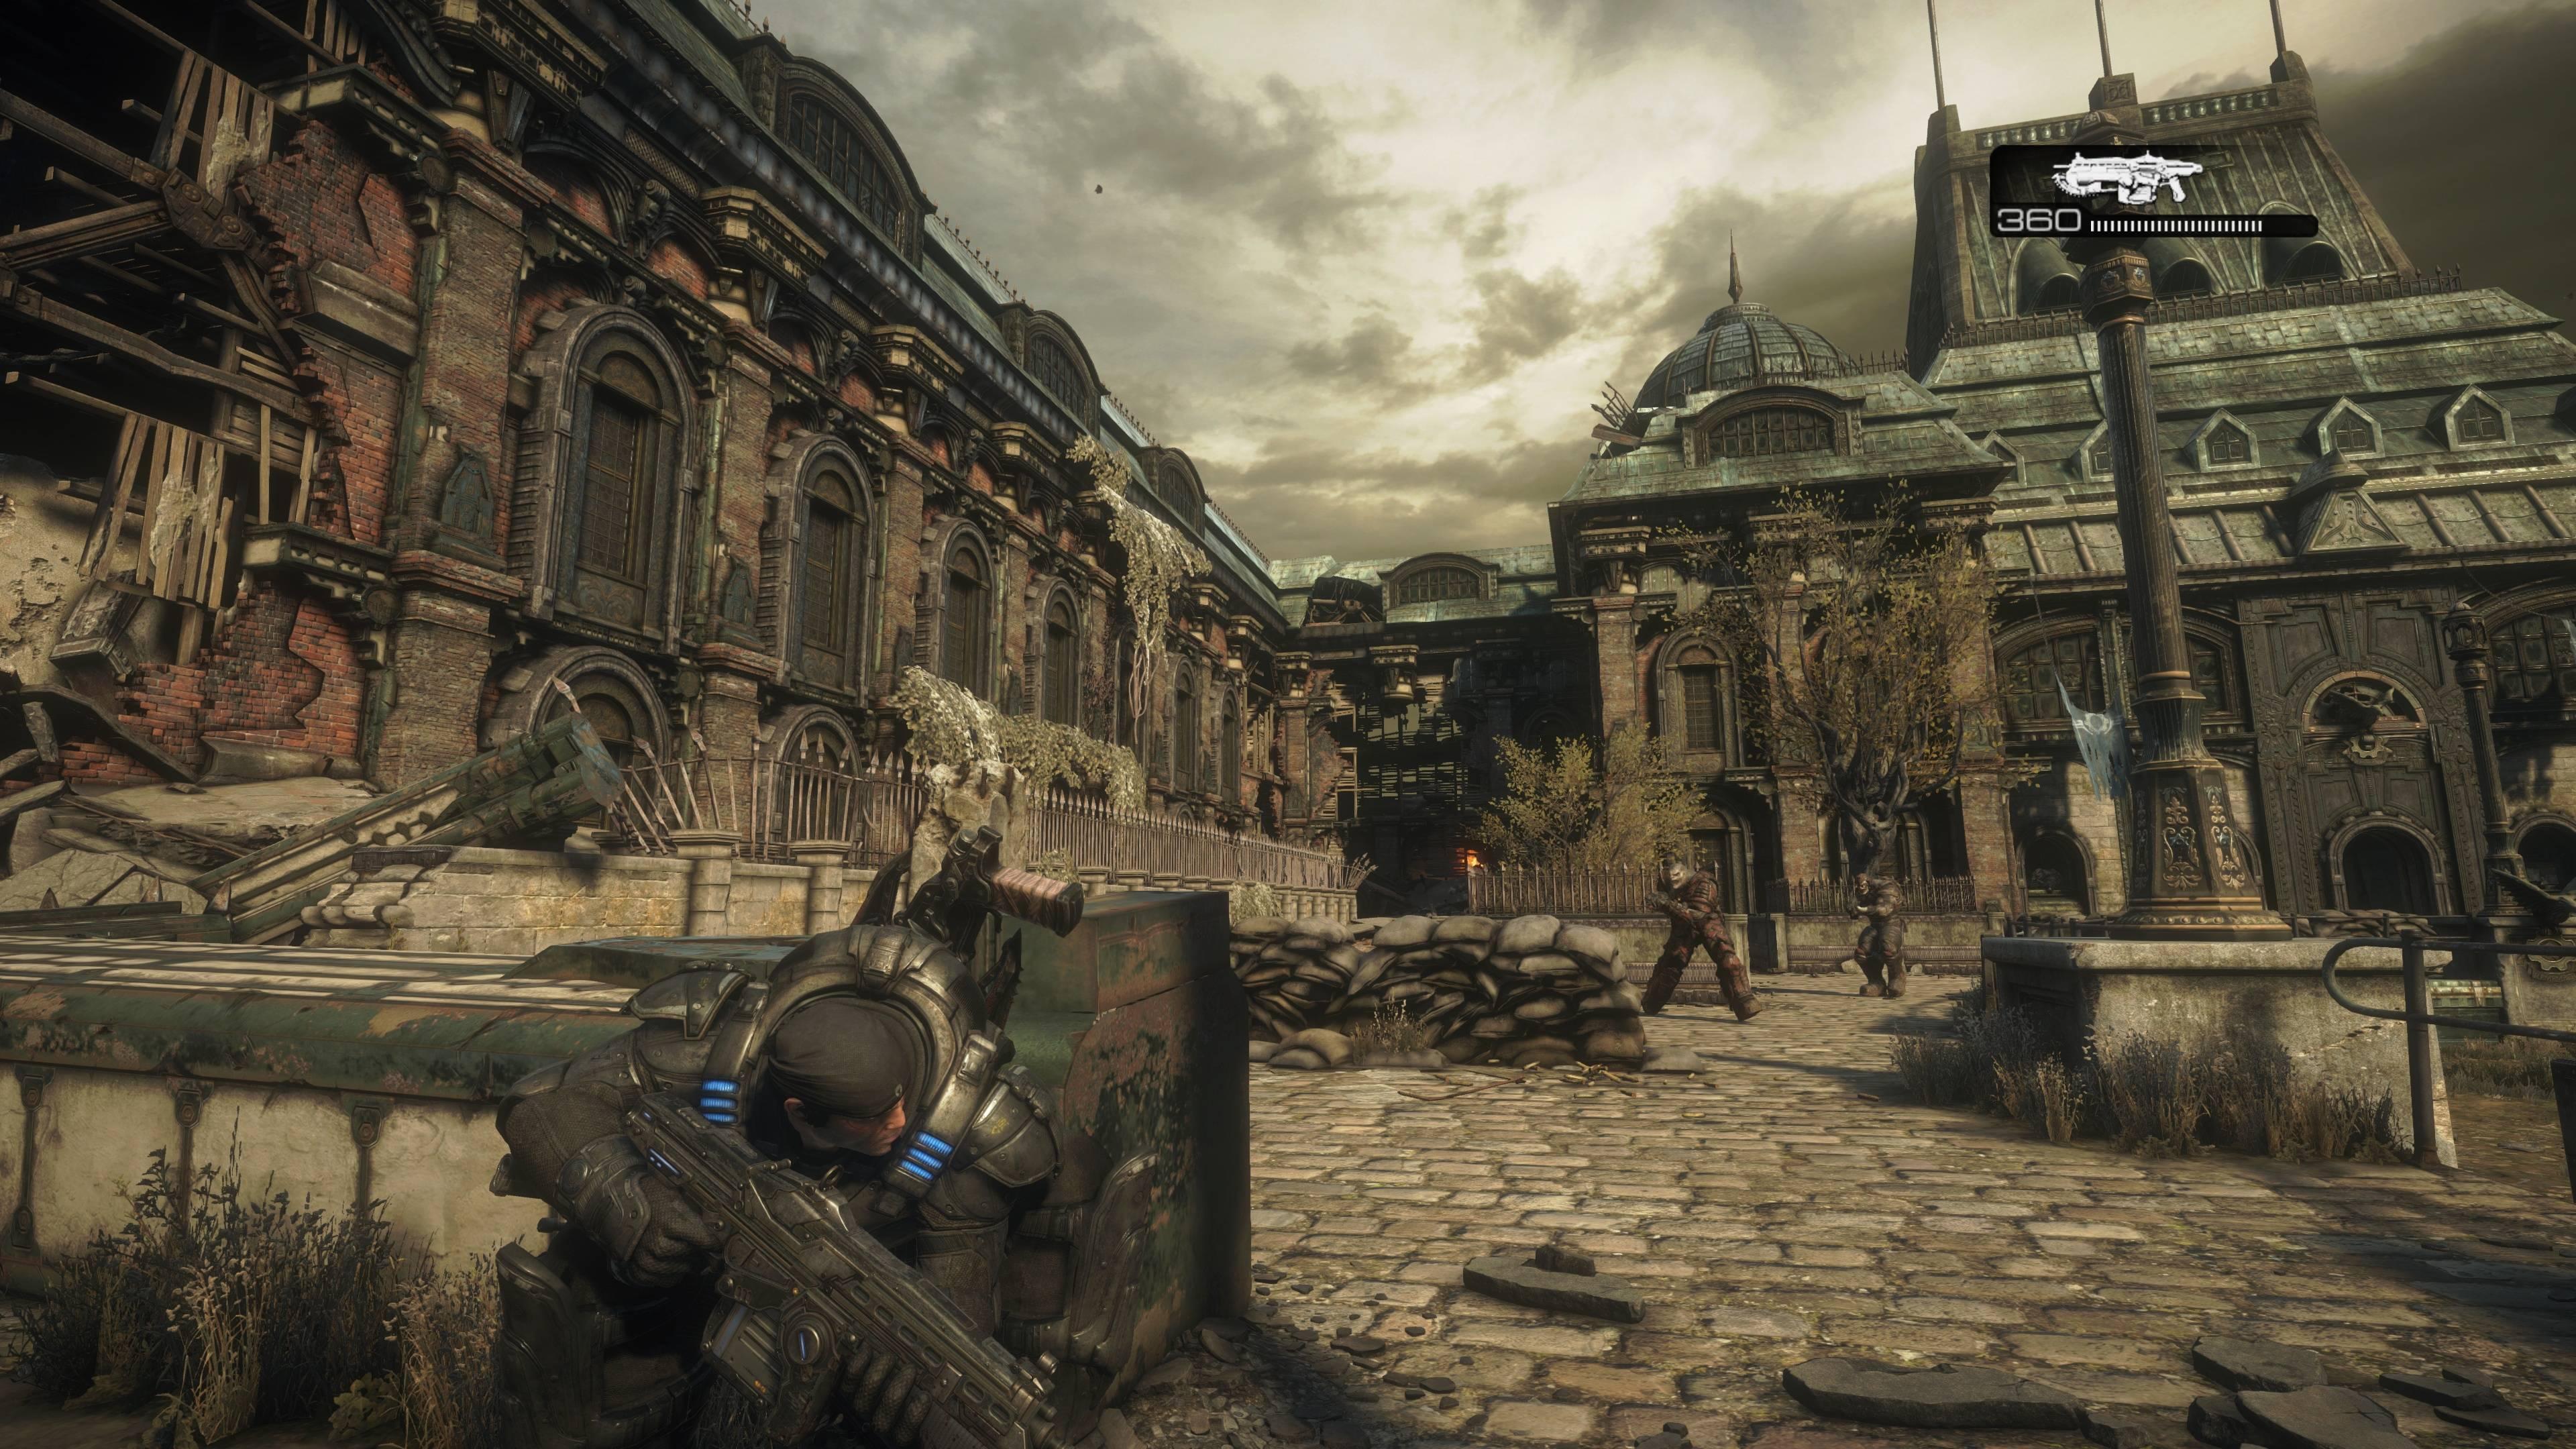 Gears of War: Ultimate Edition pro Windows 10 stojí 825 Kč 120134